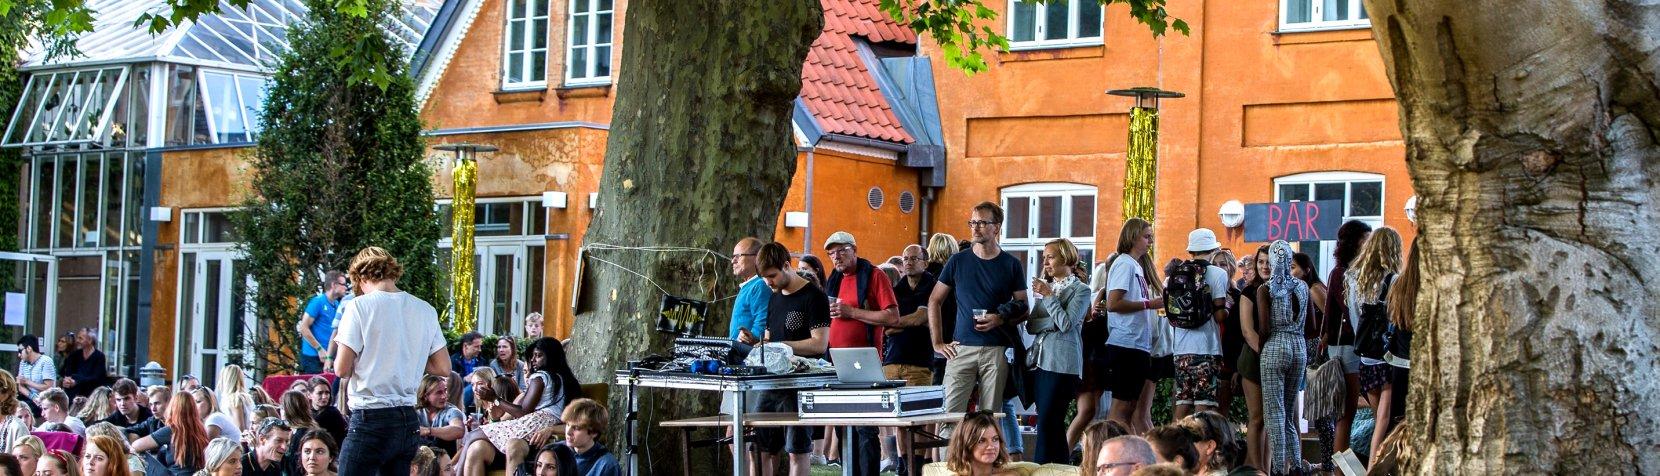 Lydfest - Foto: Lars Madsen